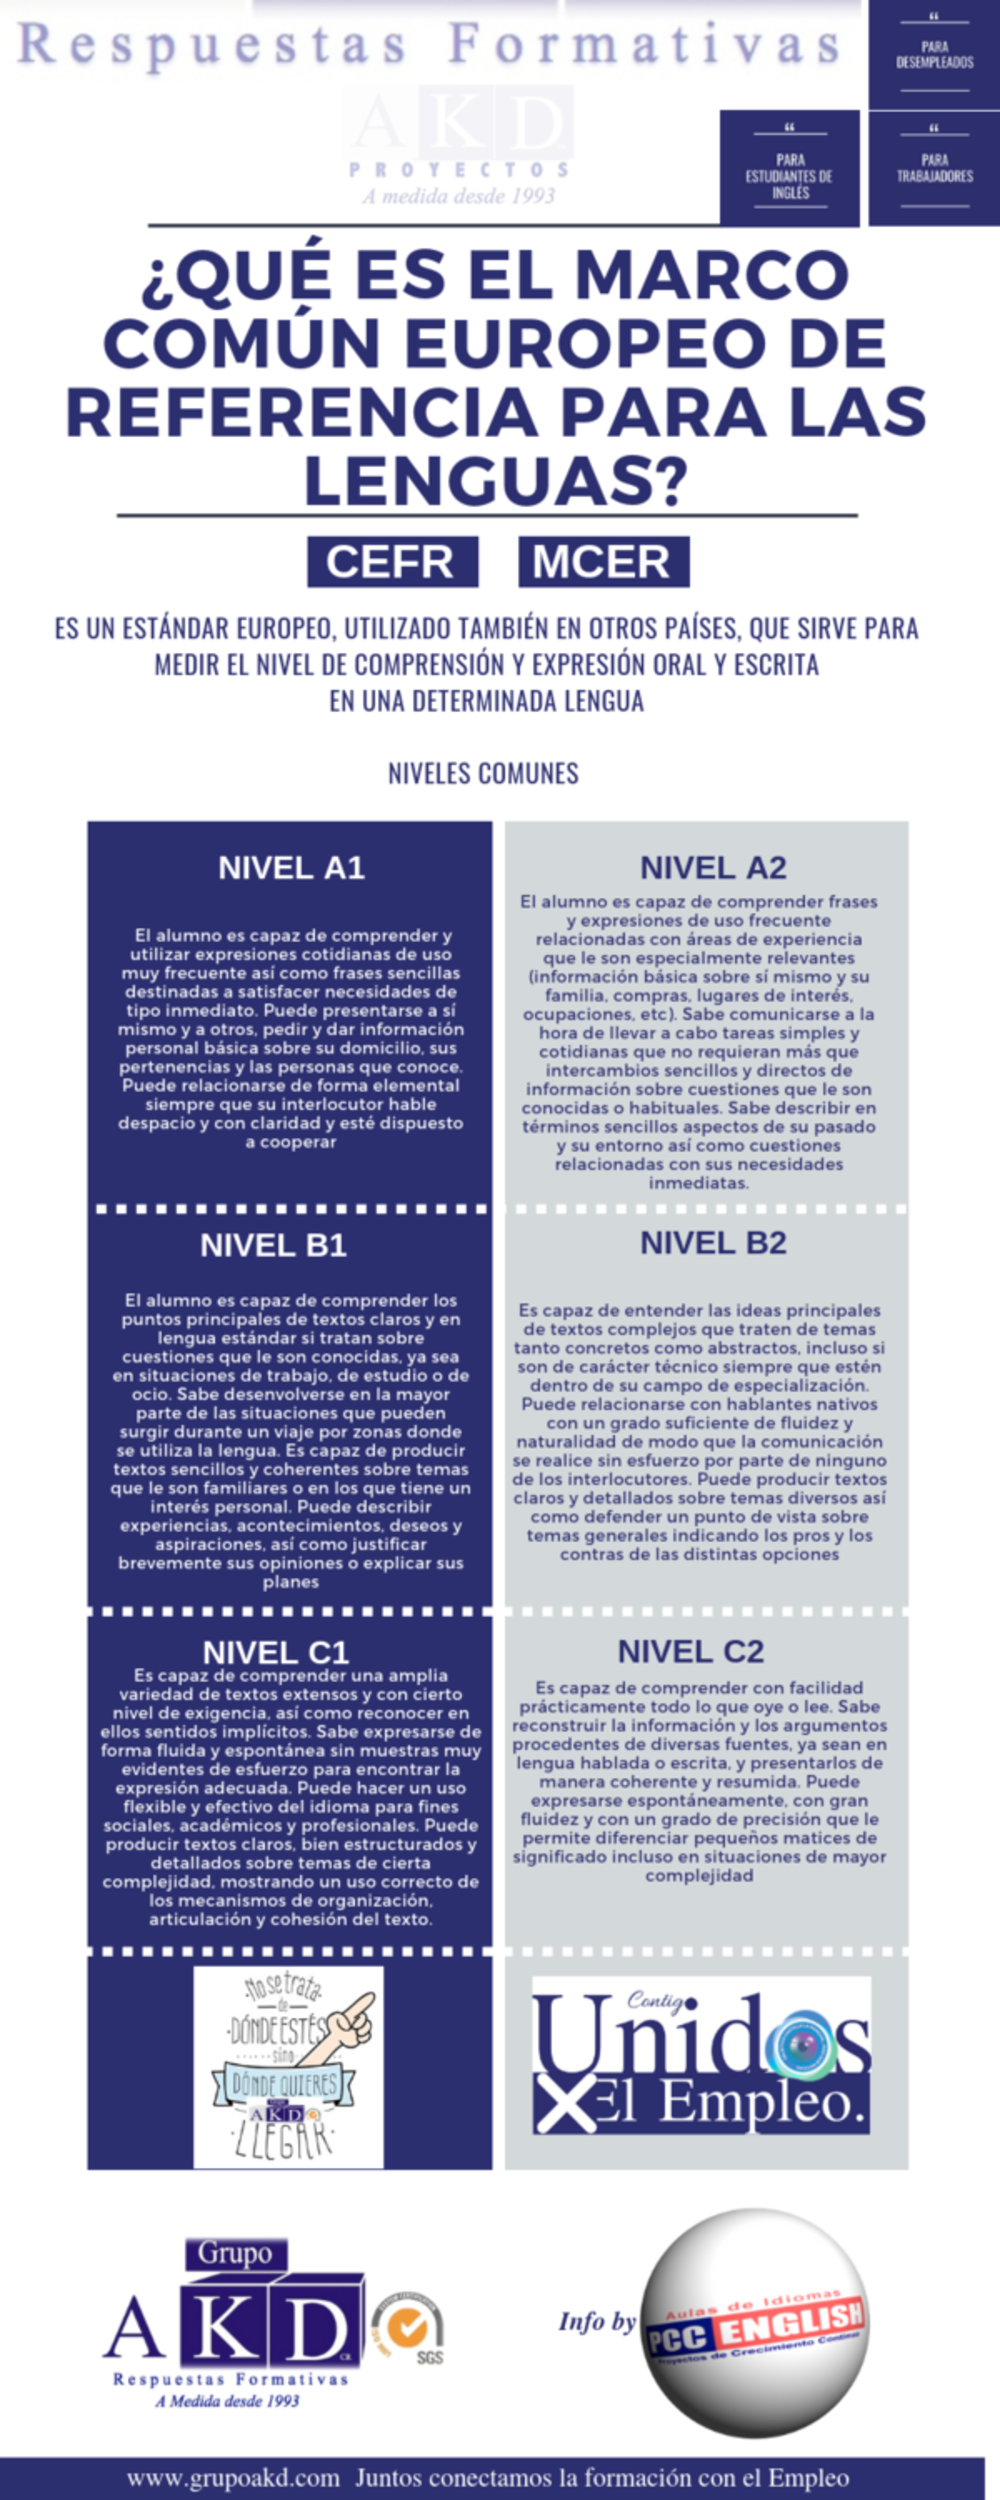 ¿Qué es el Marco Común Europeo de Referencia para las Lenguas?